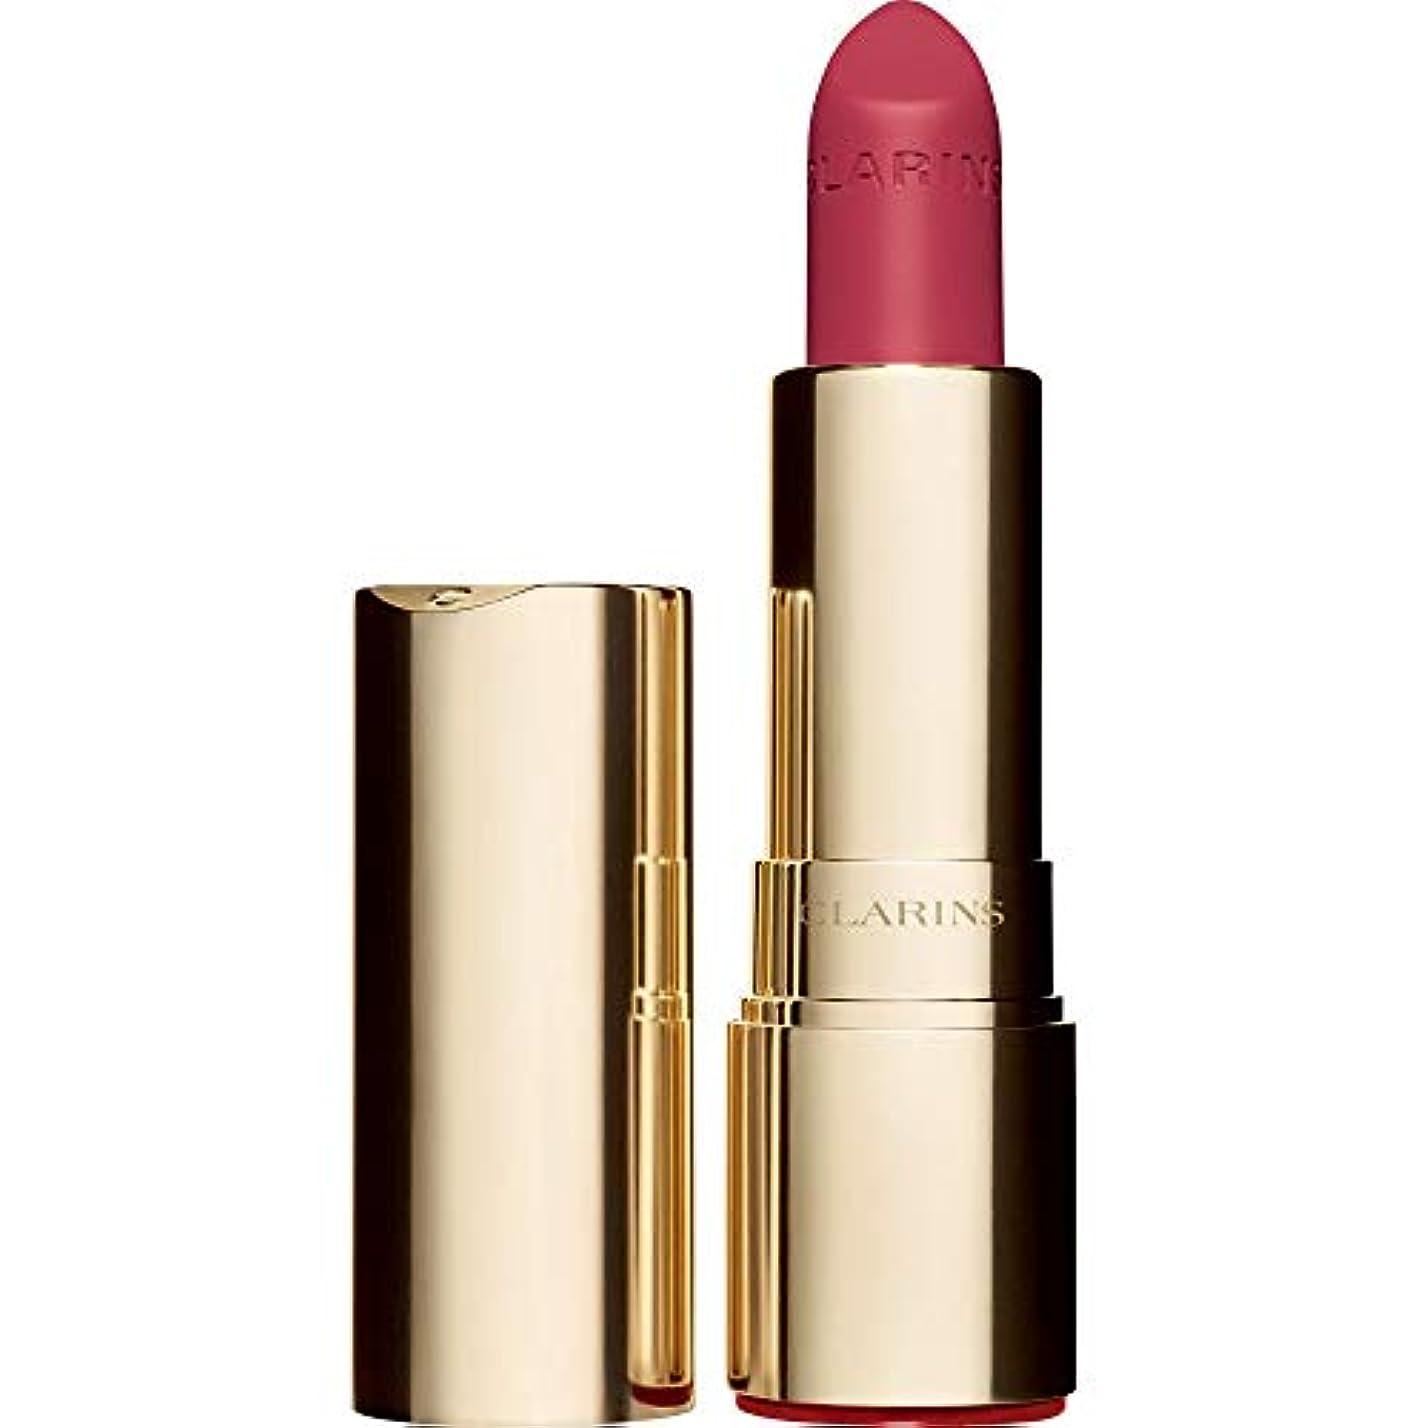 ドール衣服ストローク[Clarins ] クラランスジョリルージュのベルベットの口紅3.5グラムの756V - グアバ - Clarins Joli Rouge Velvet Lipstick 3.5g 756V - Guava [並行輸入品]